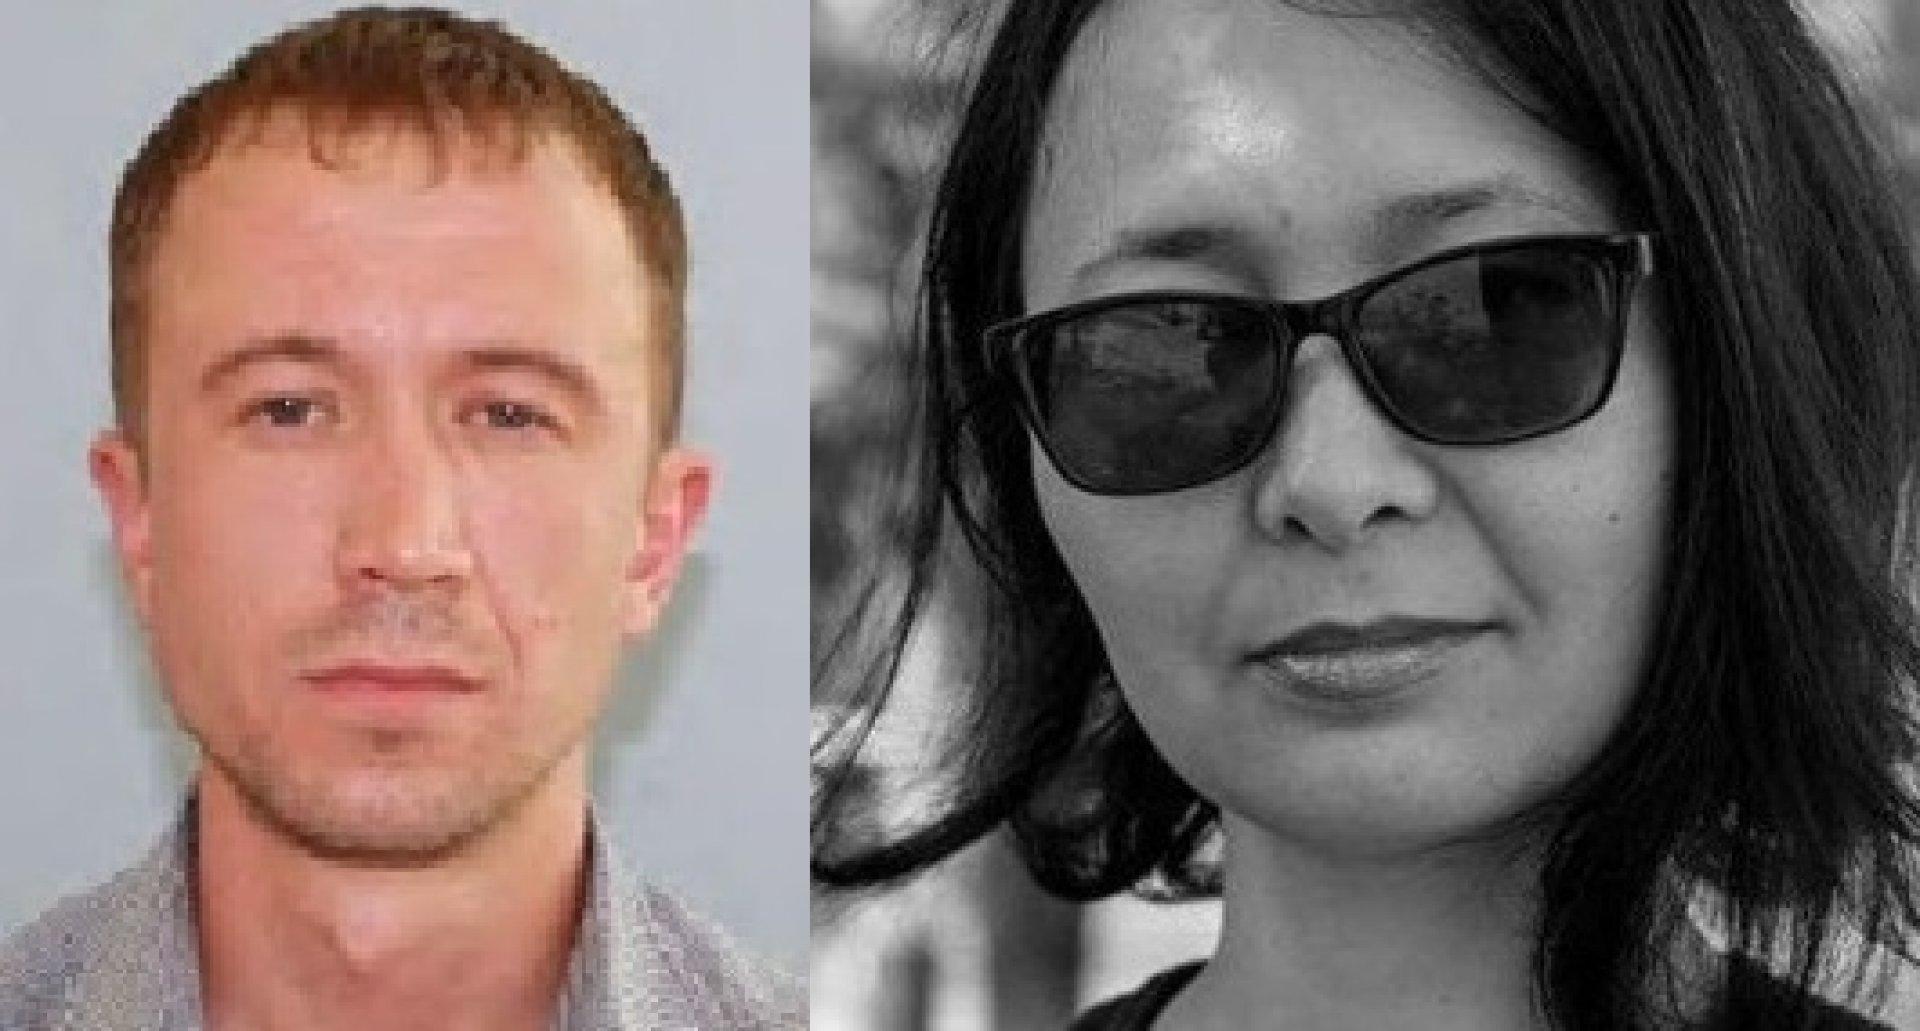 Задержан подозреваемый в убийстве журналистки в Астане